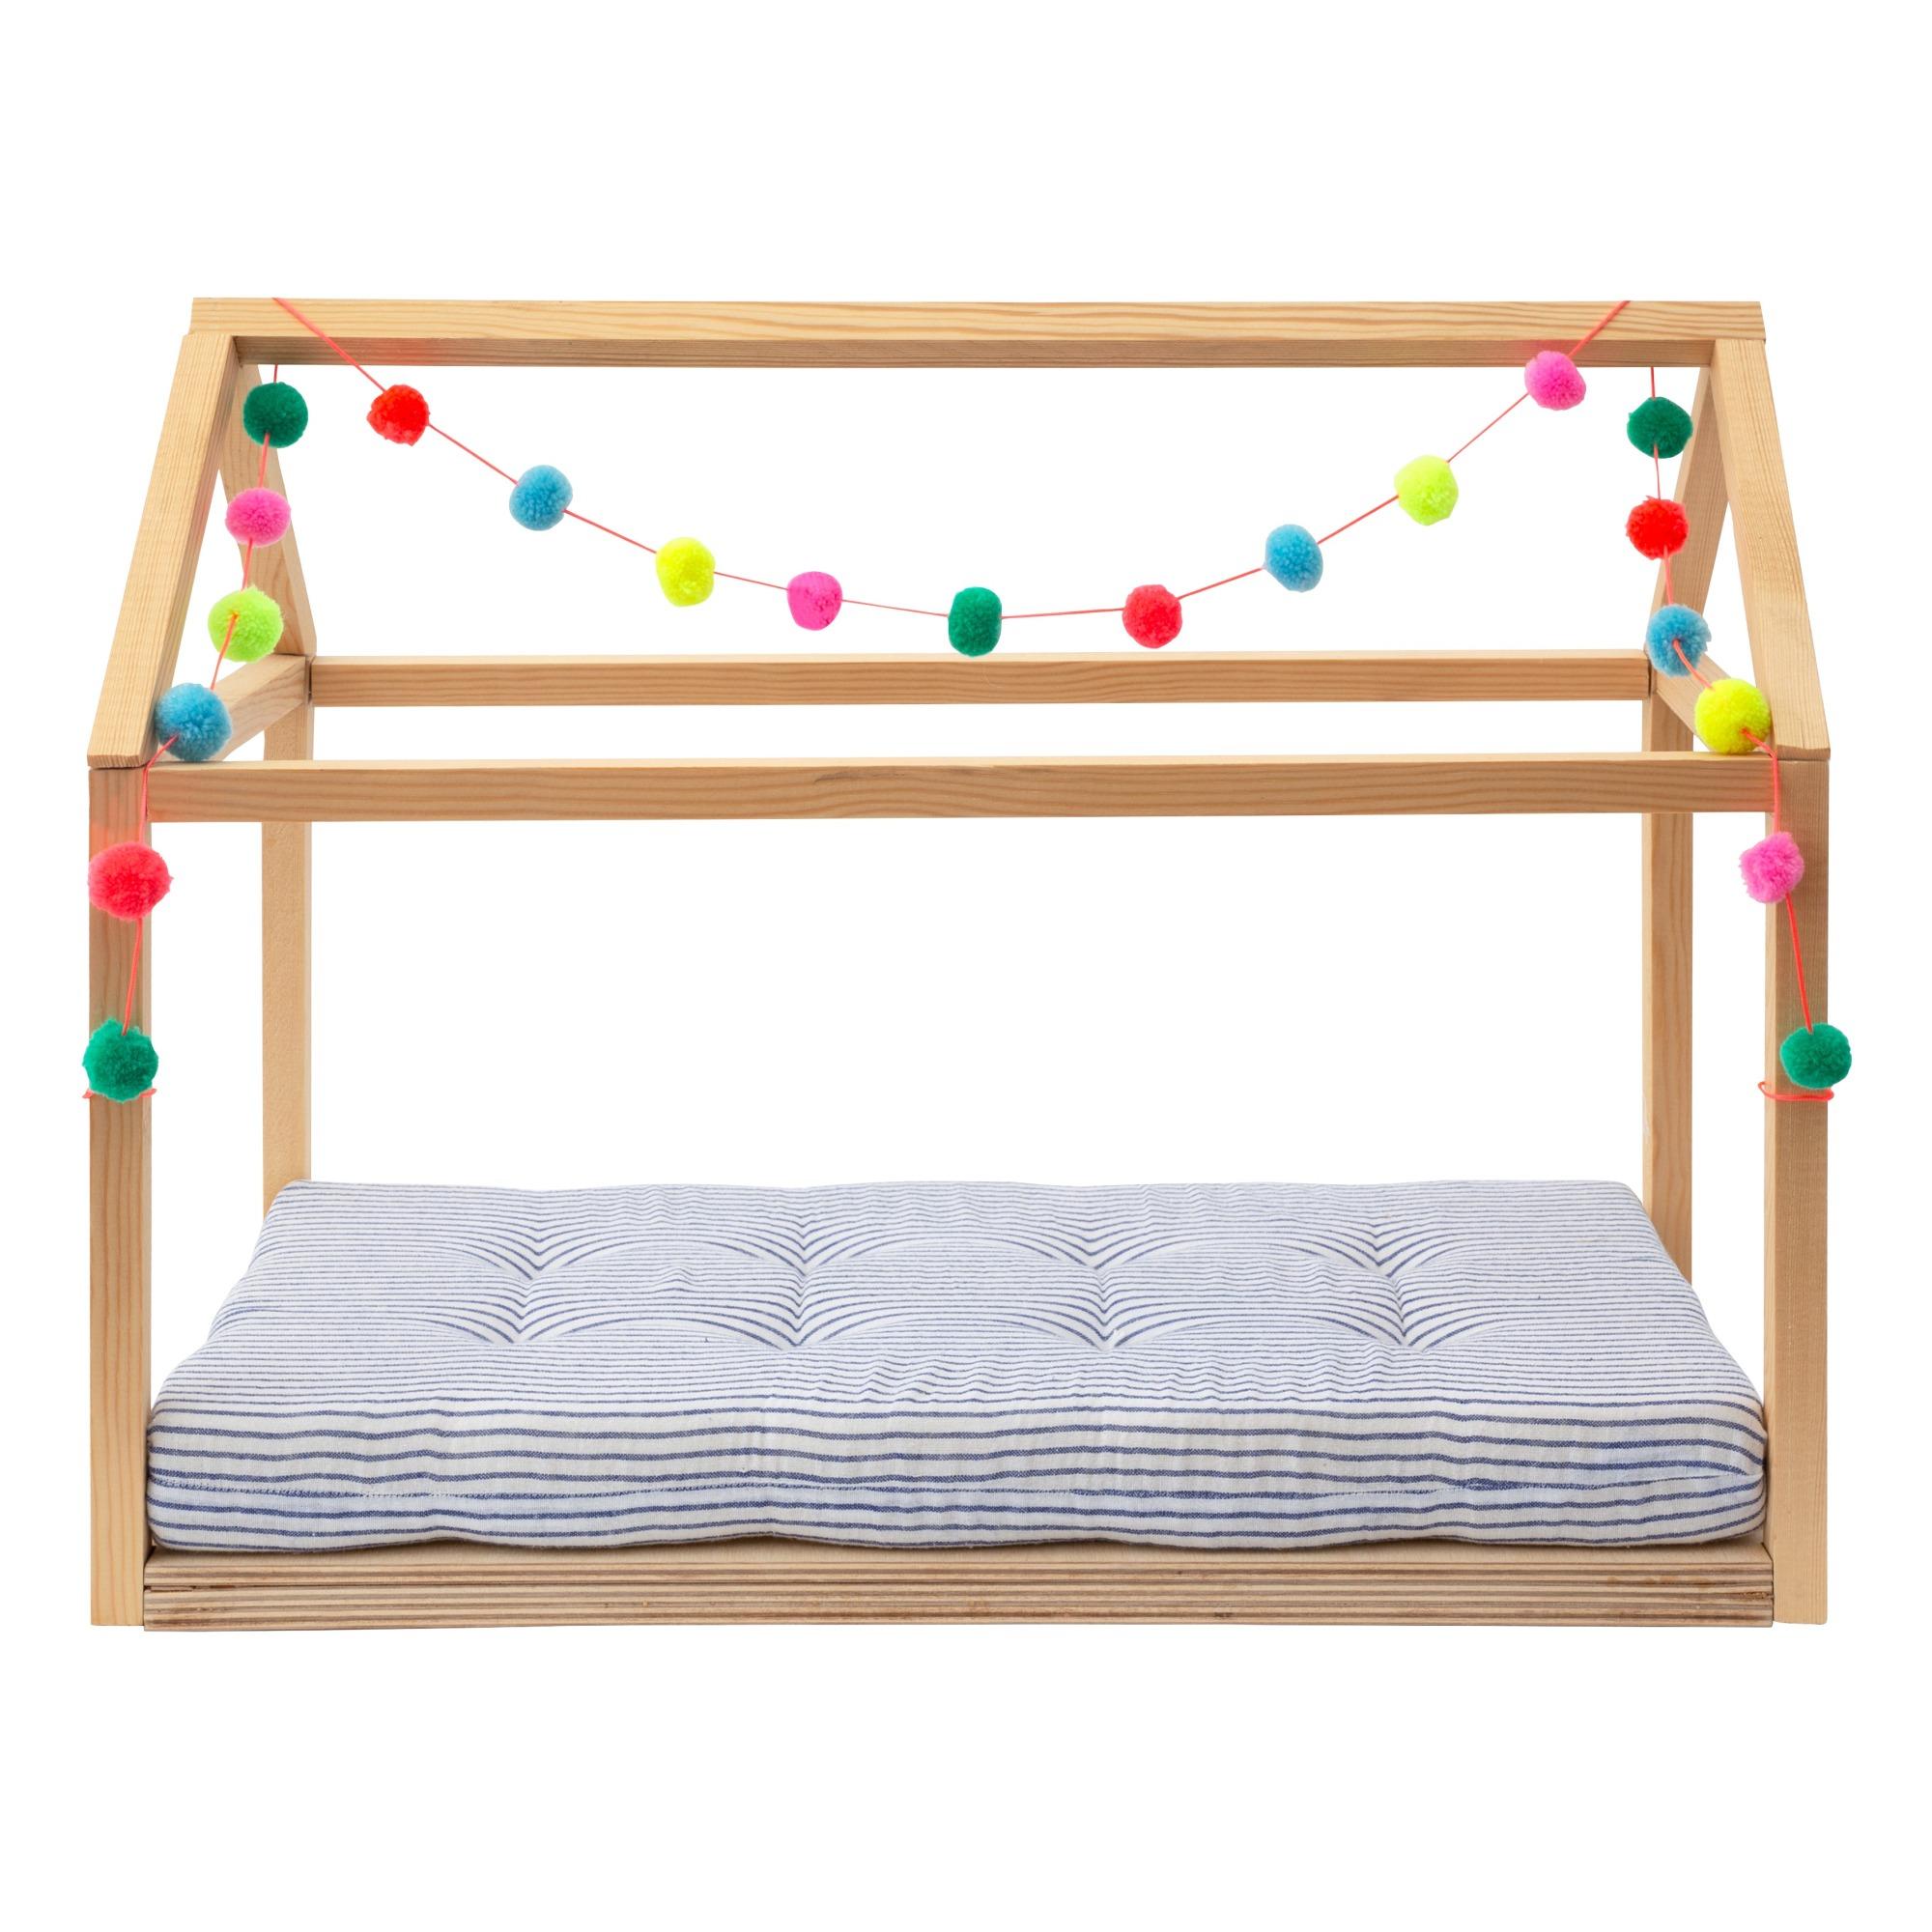 lit cabane pour poupee meri meri jouet et loisir enfant